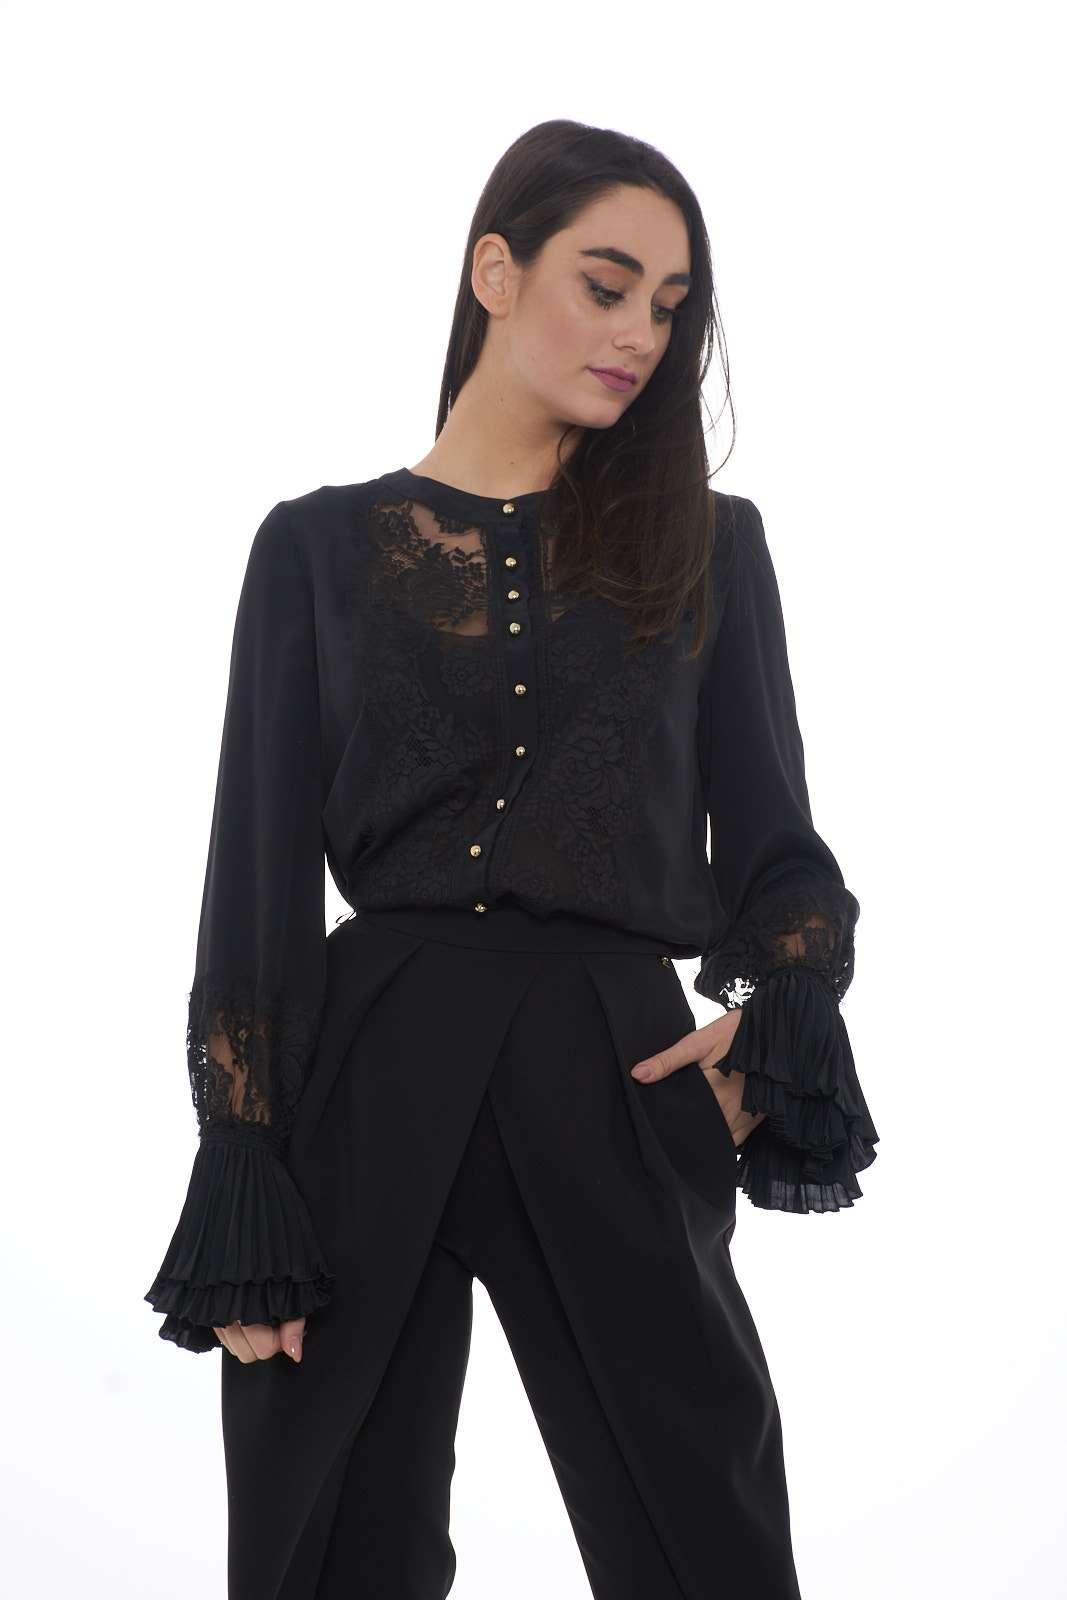 Una camicia chic e raffinata, con la prestigiosa firma di Maria Grazia Severi. Da sfoggiare per le occasioni speciali, per outfit eleganti e fashion. Un tocco unico per il tuo look.  La modella è alta 1.80m e indossa la taglia 42.